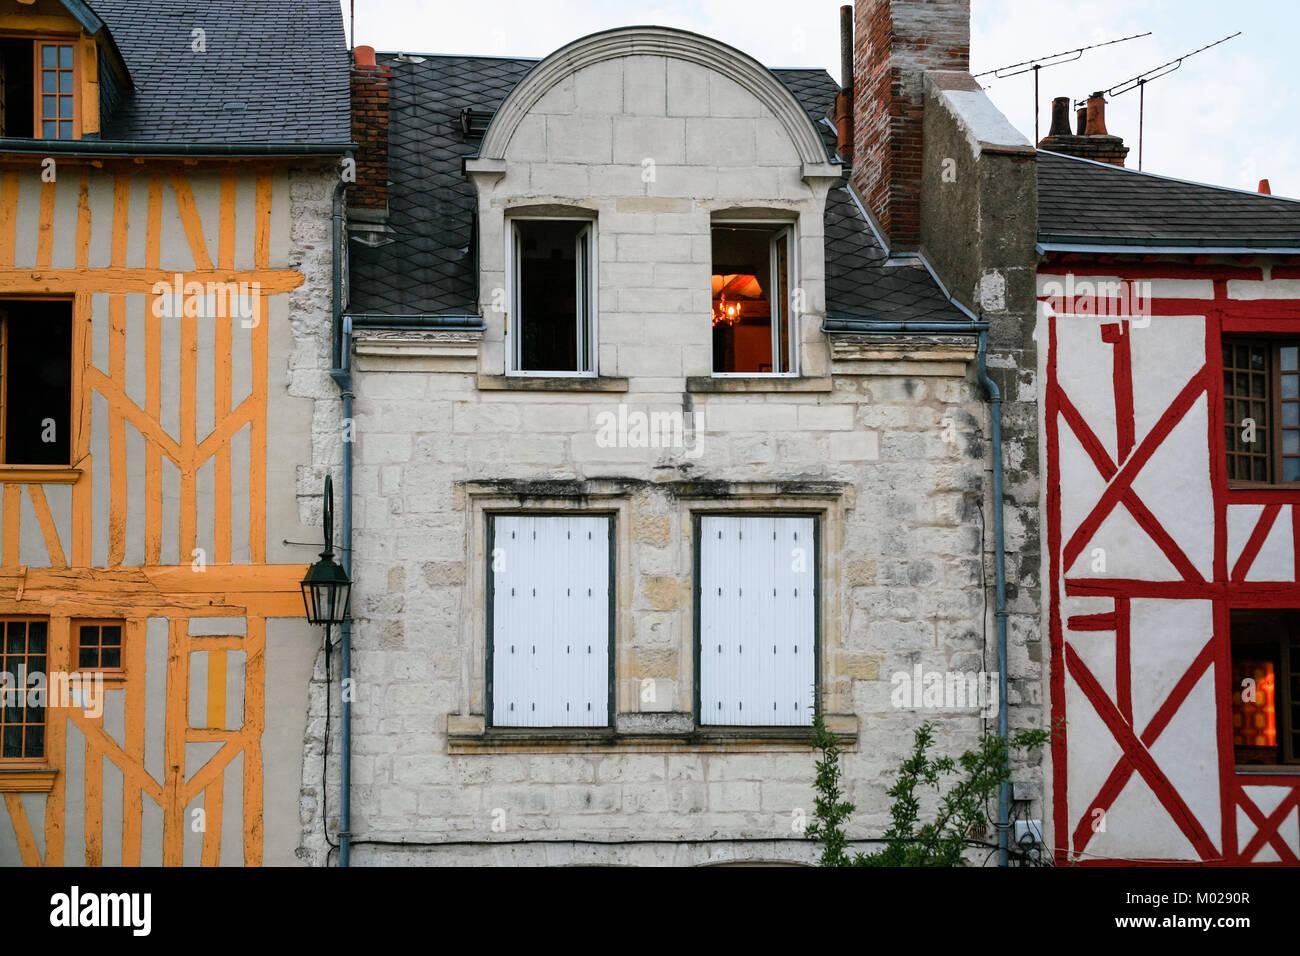 Viajar A Francia Fachadas De Antiguas Casas Urbanas Medievales En - Fachadas-antiguas-de-casas